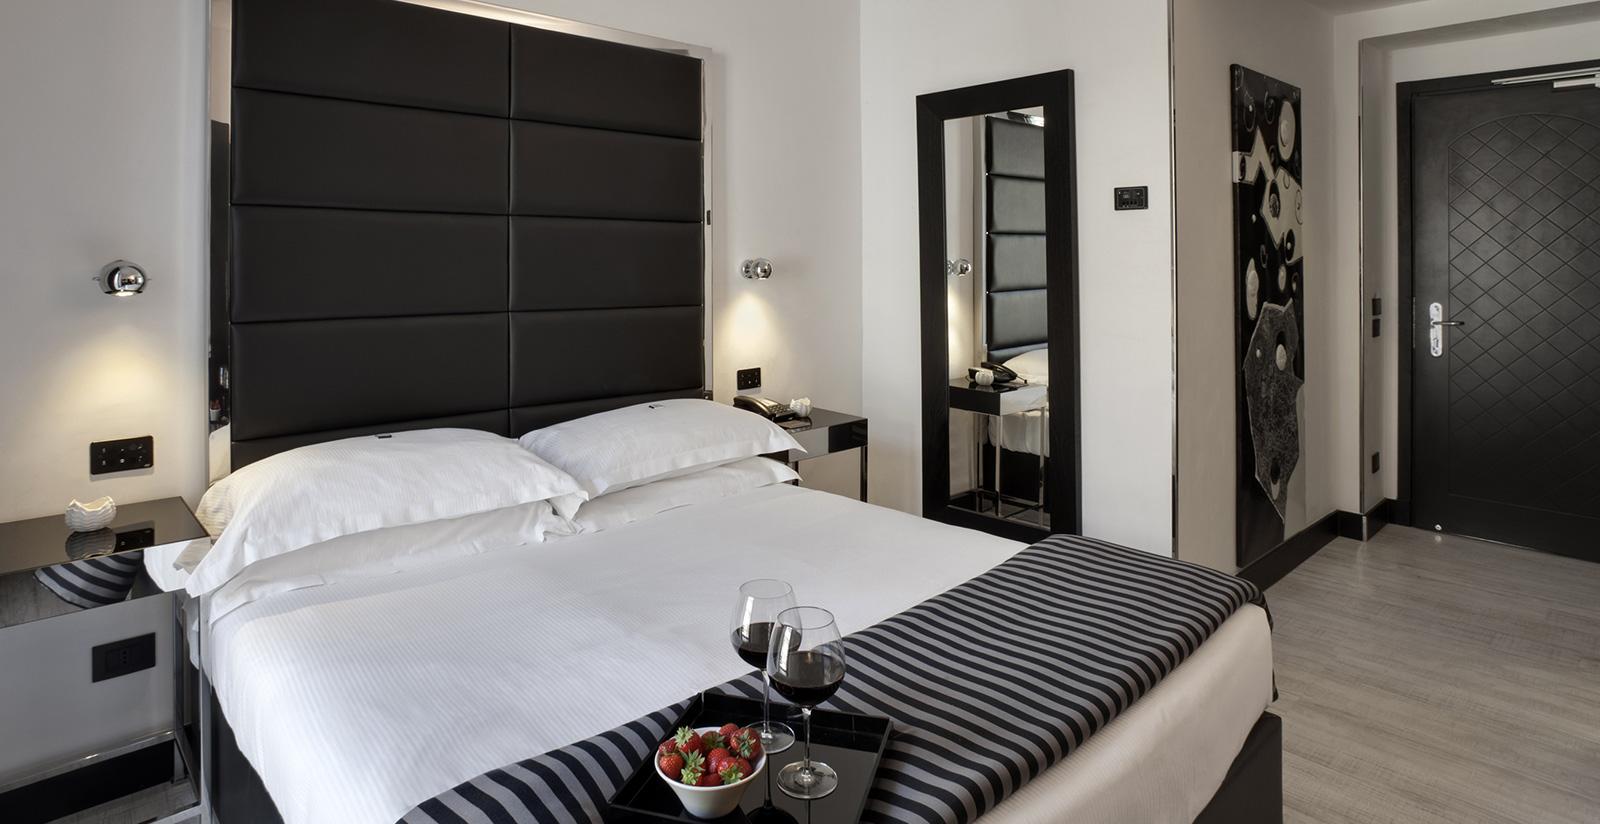 Hotel napoleon milano camere e suite con jacuzzi a milano - Hotel con camere a tema milano ...